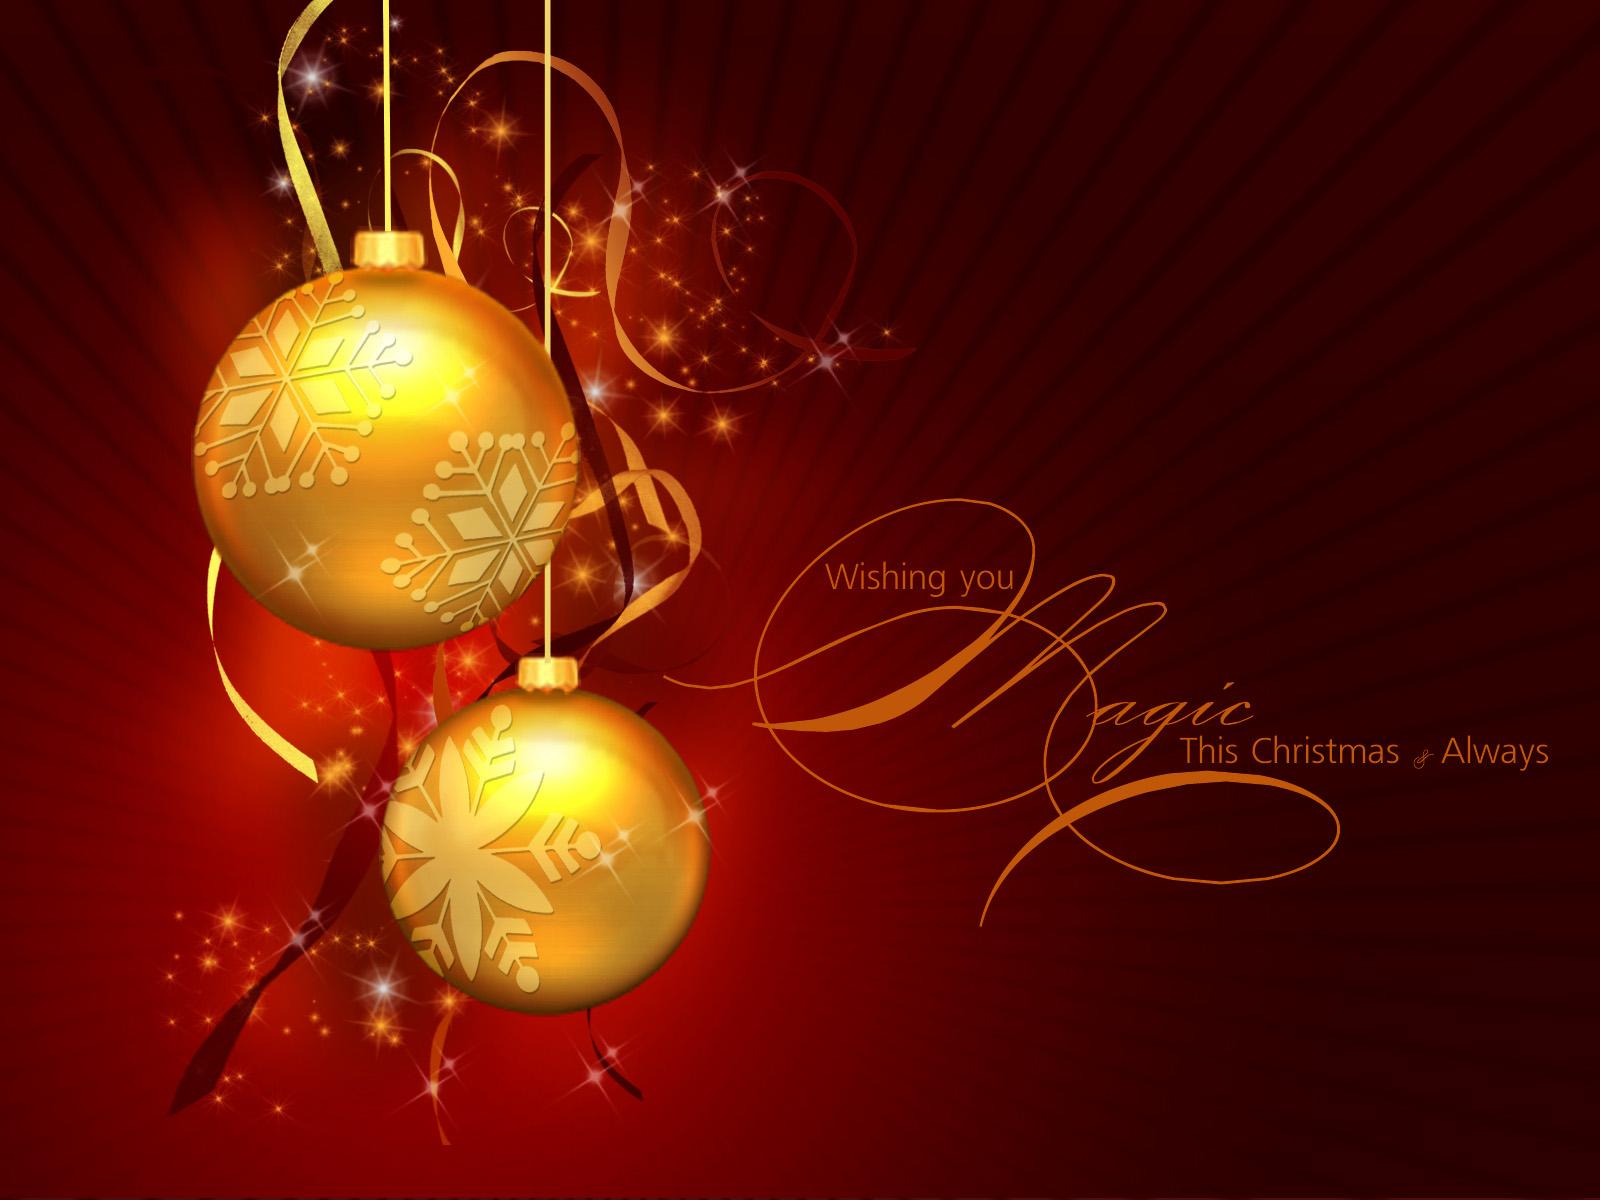 PicturesPool: Happy Christmas